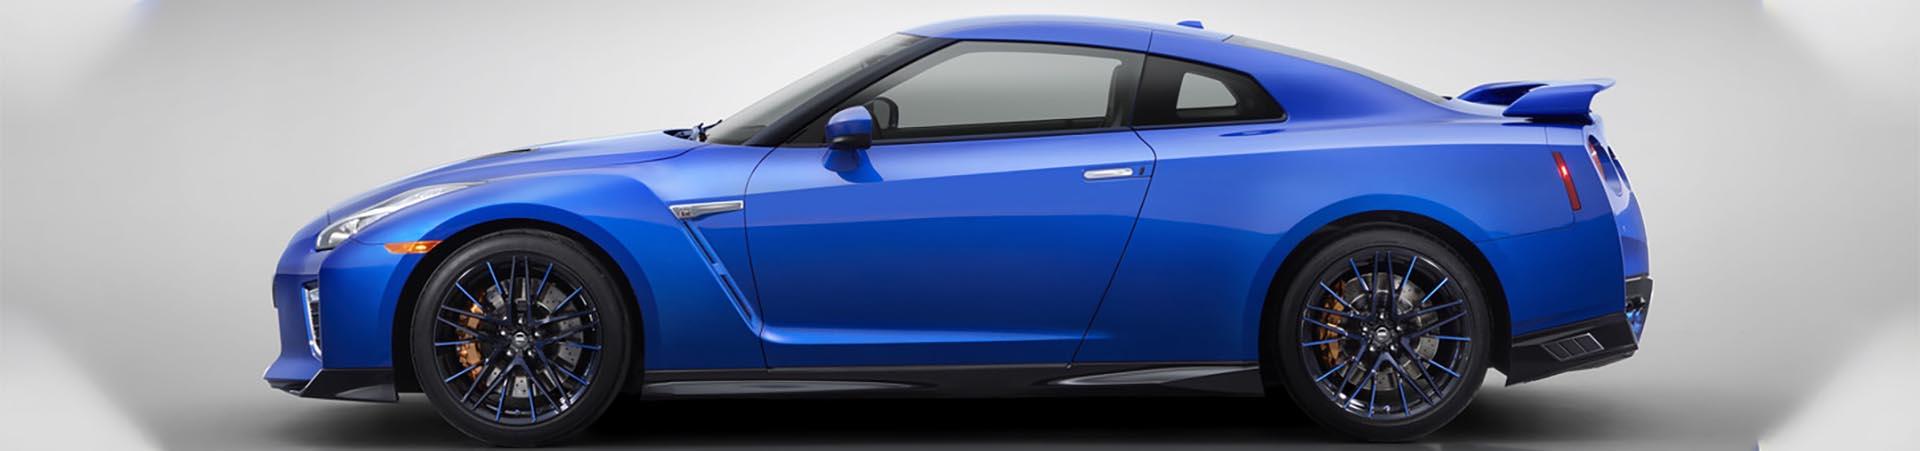 Nissan GT-R blau